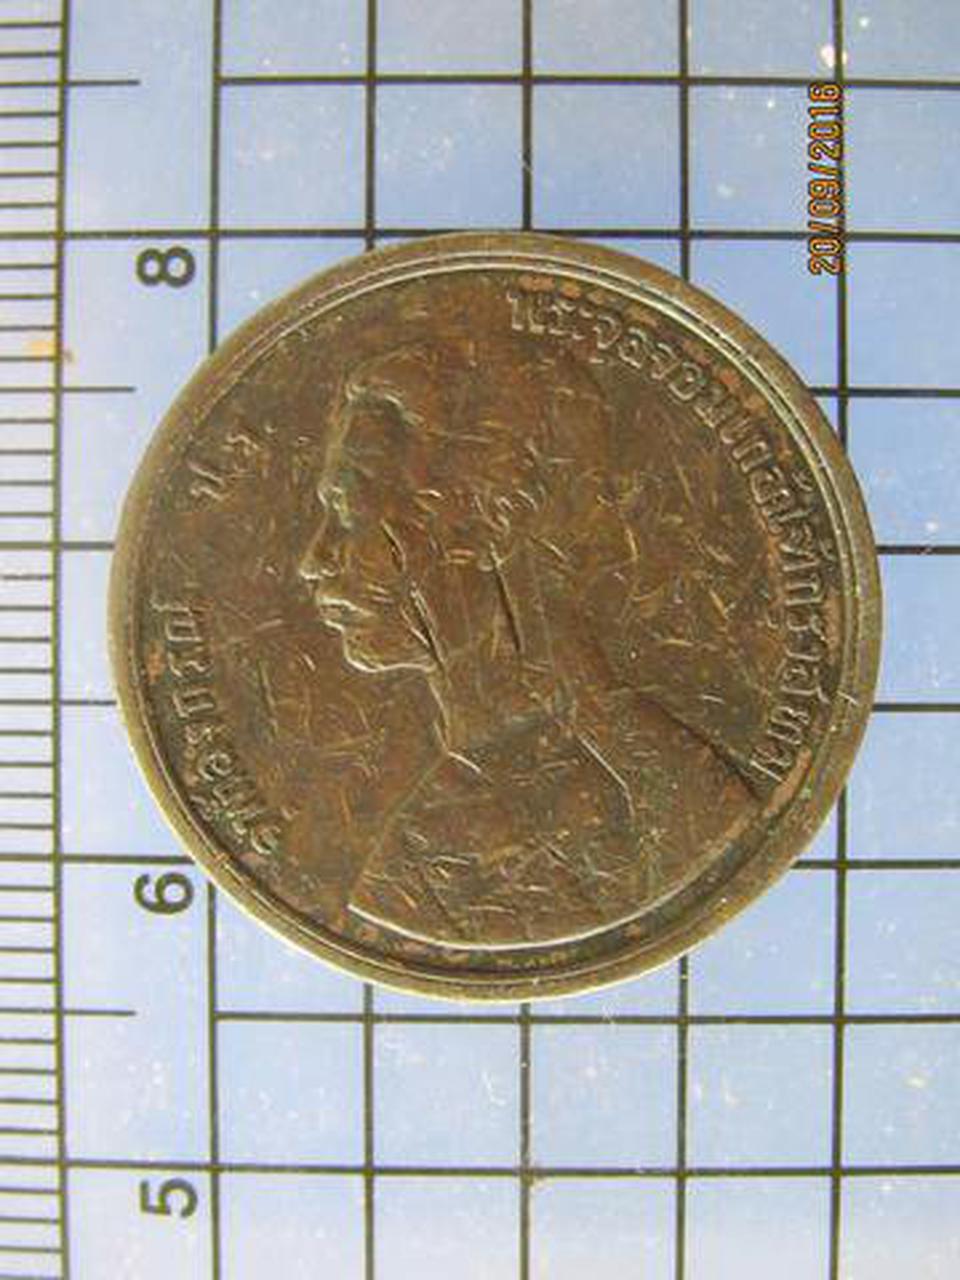 3890 เหรียญ ร.5 ทองแดง หนึ่งอัฐ รศ.124 หลังพระสยามเทวาธิราช  รูปที่ 2